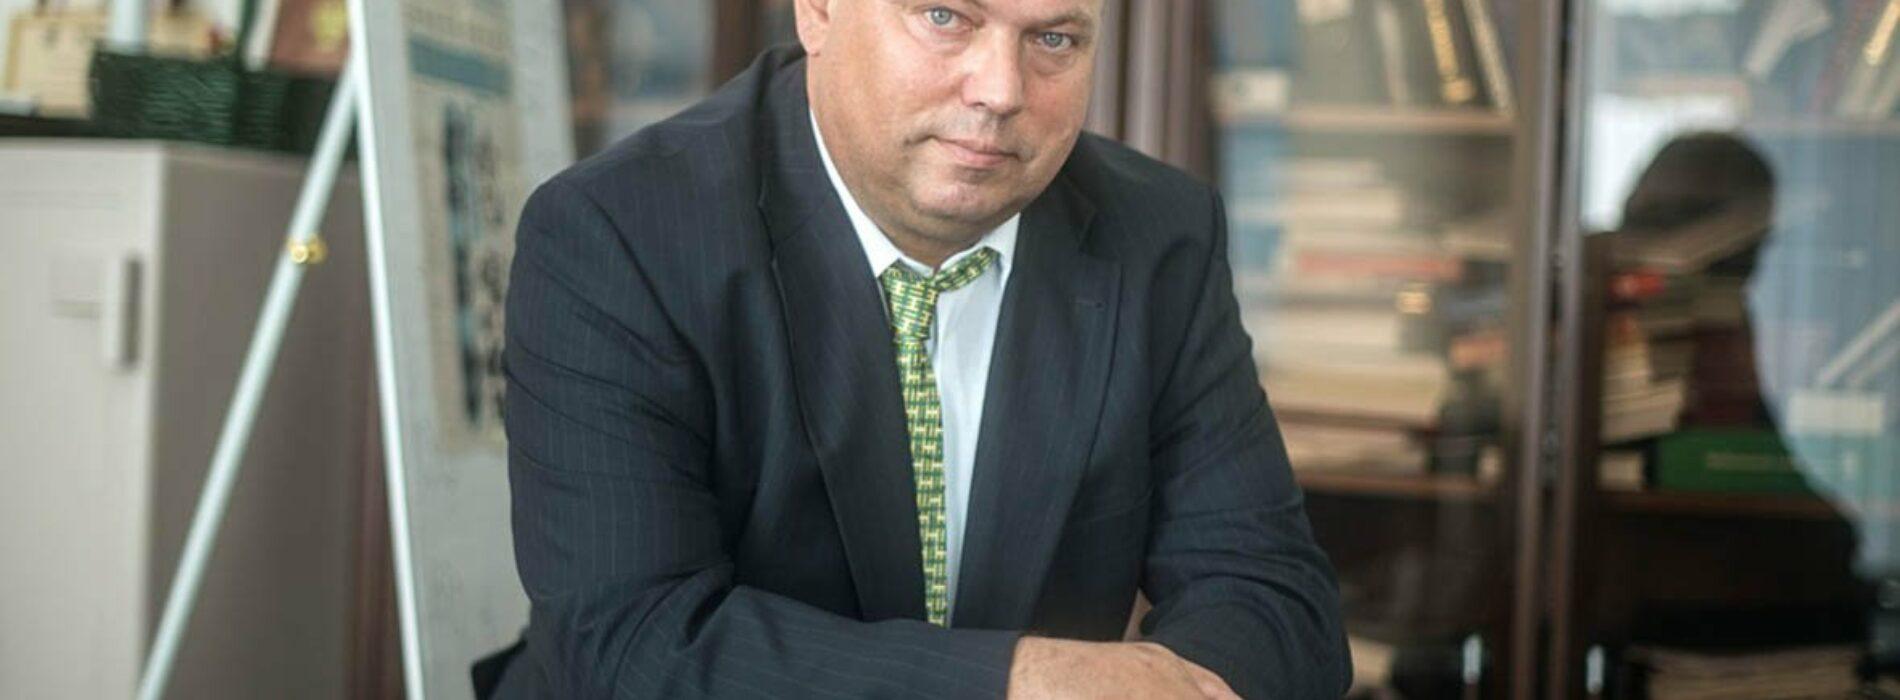 Анатомия переговорного процесса Максима Медведкова